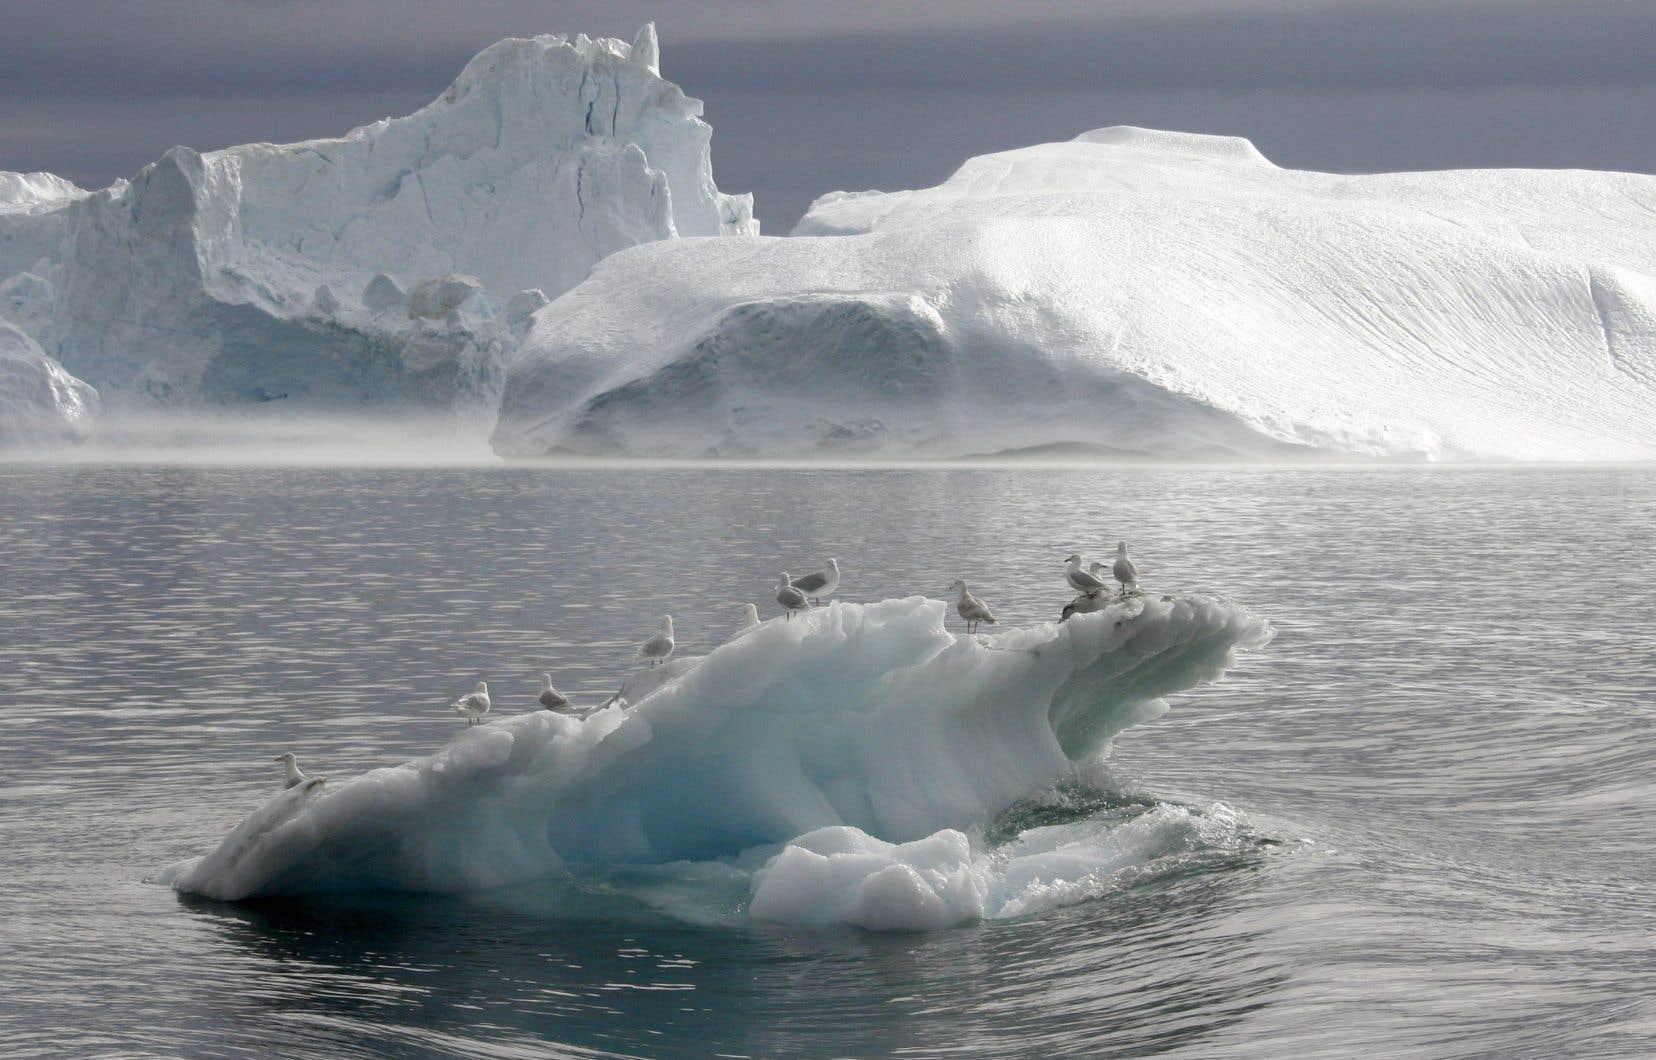 L'Arctique, vaste territoire aux conditions extrêmes autour du pôle Nord, s'est imposé ces dernières années dans la compétition géopolitique mondiale entre ses huit pays riverains membres du Conseil pour ses ressources naturelles, ses voies de navigation et sa position stratégique.